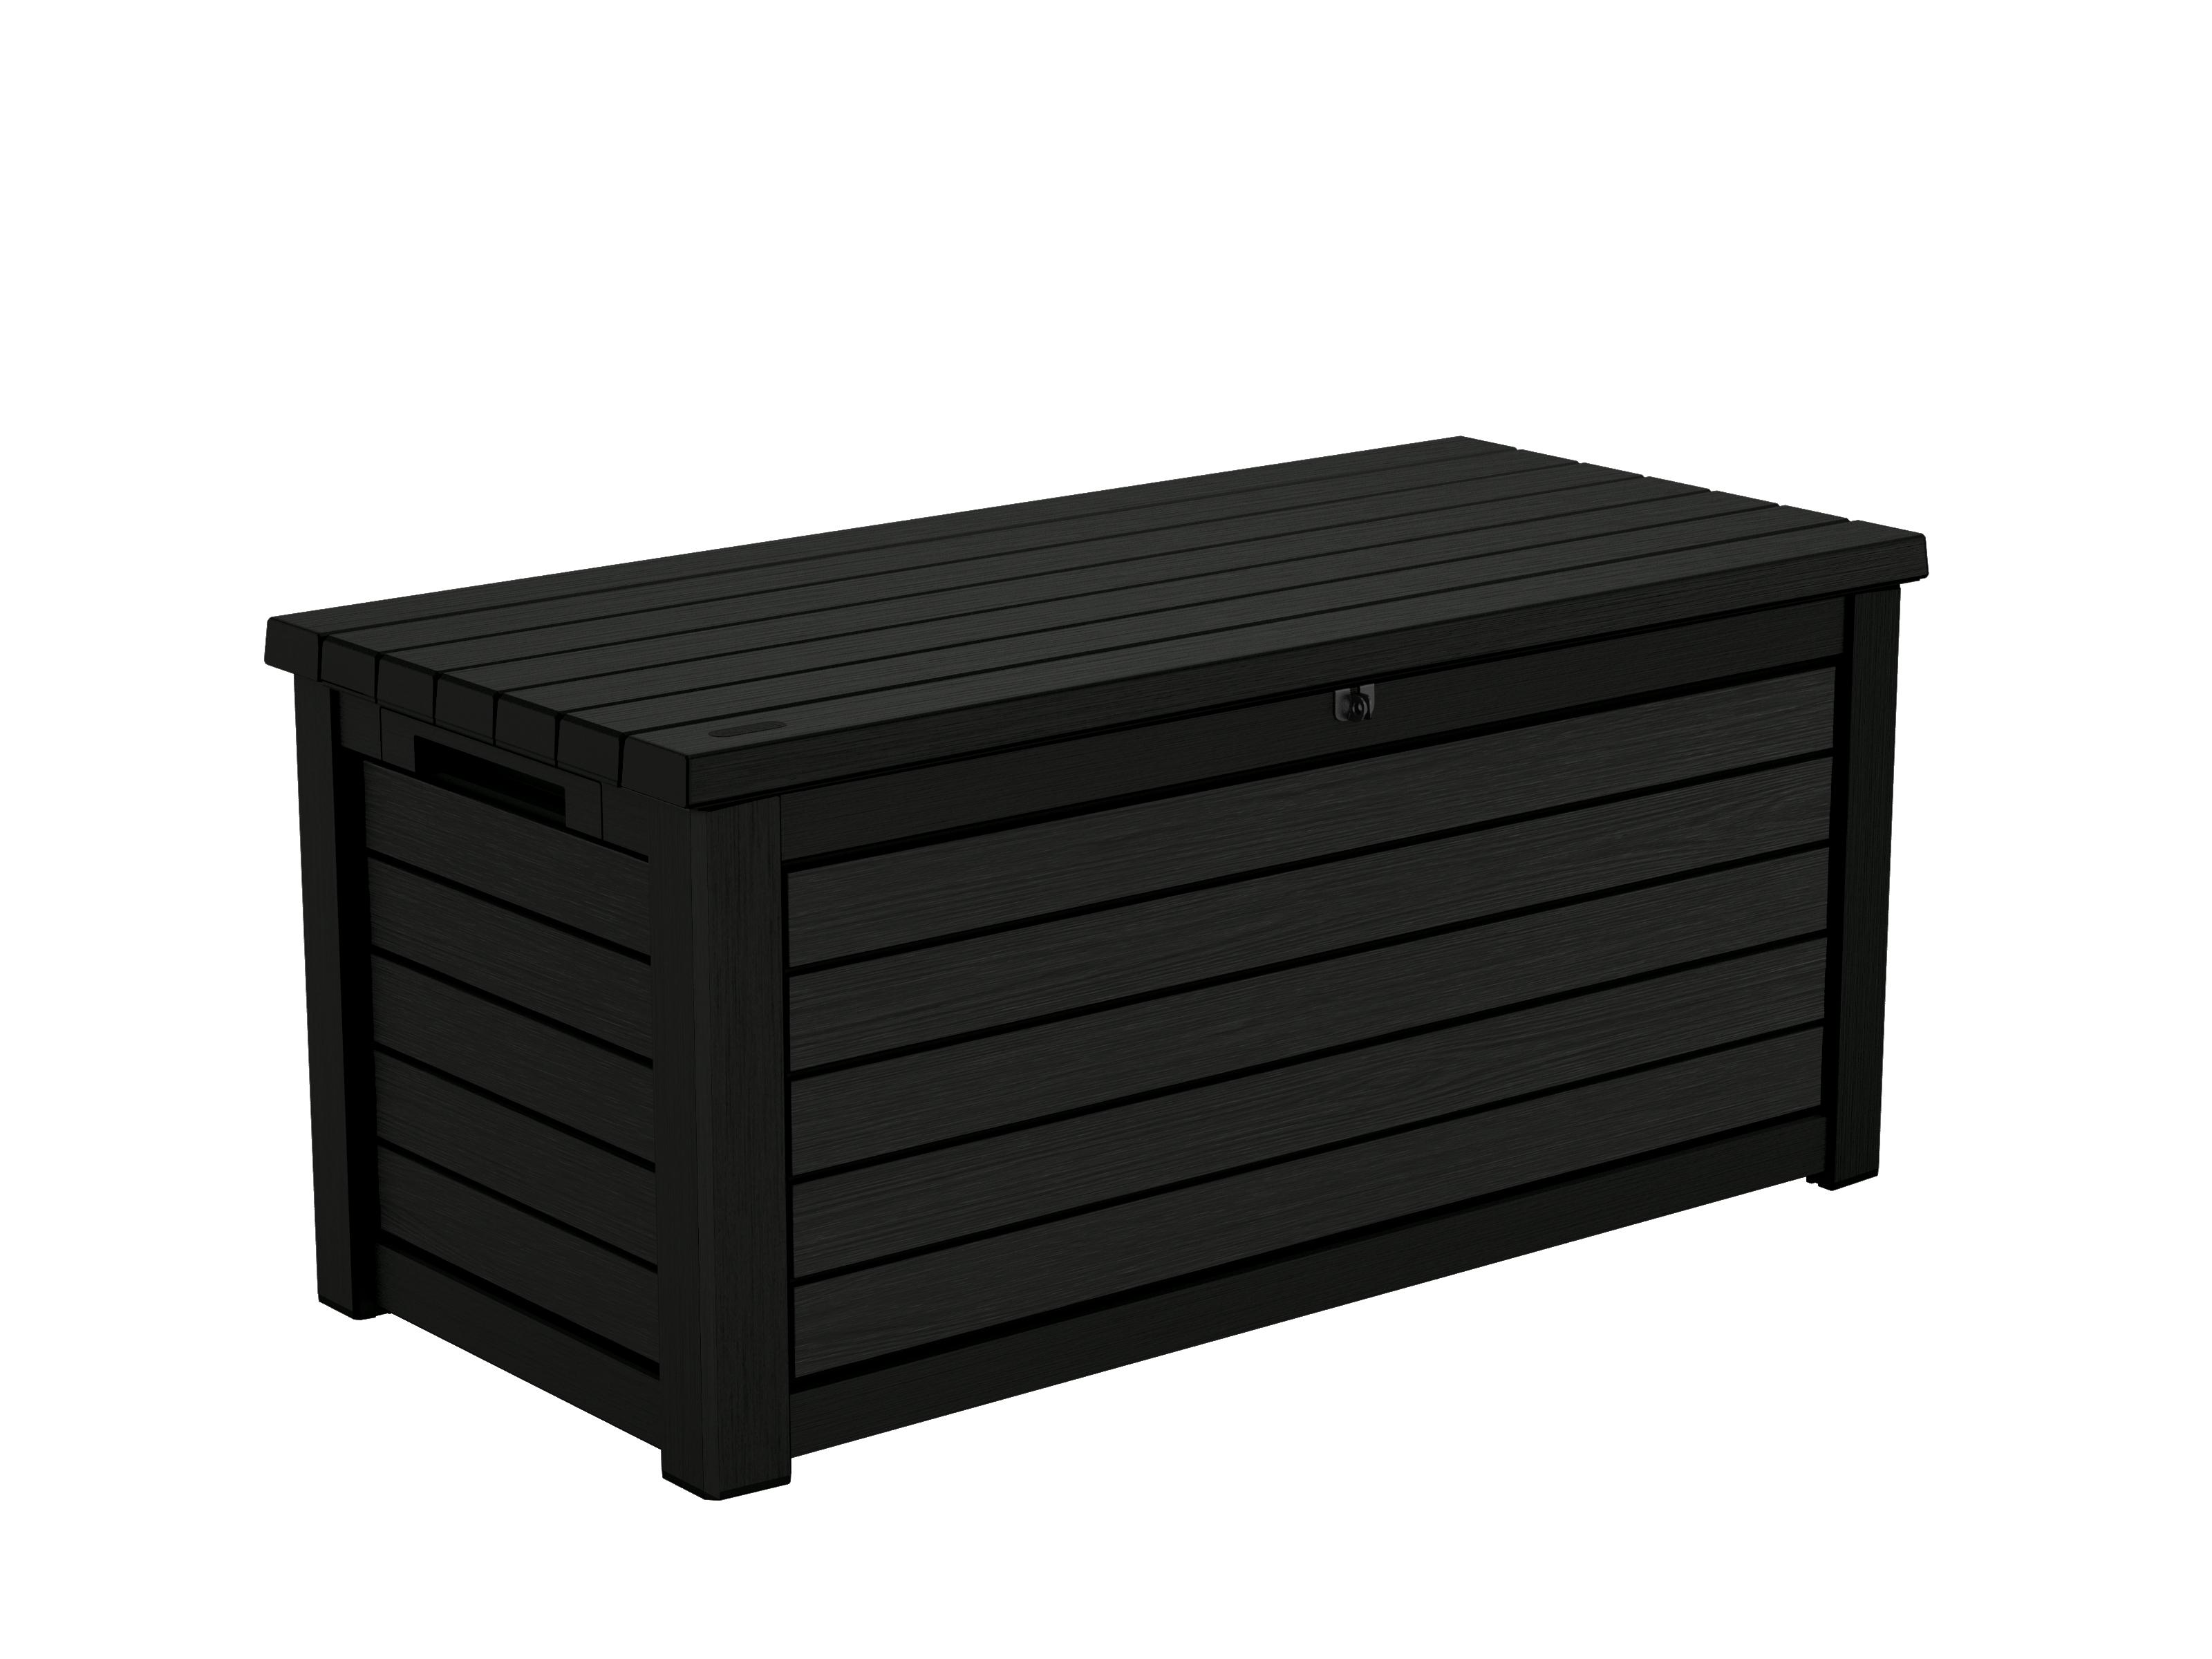 KETER Northwood Storage Box